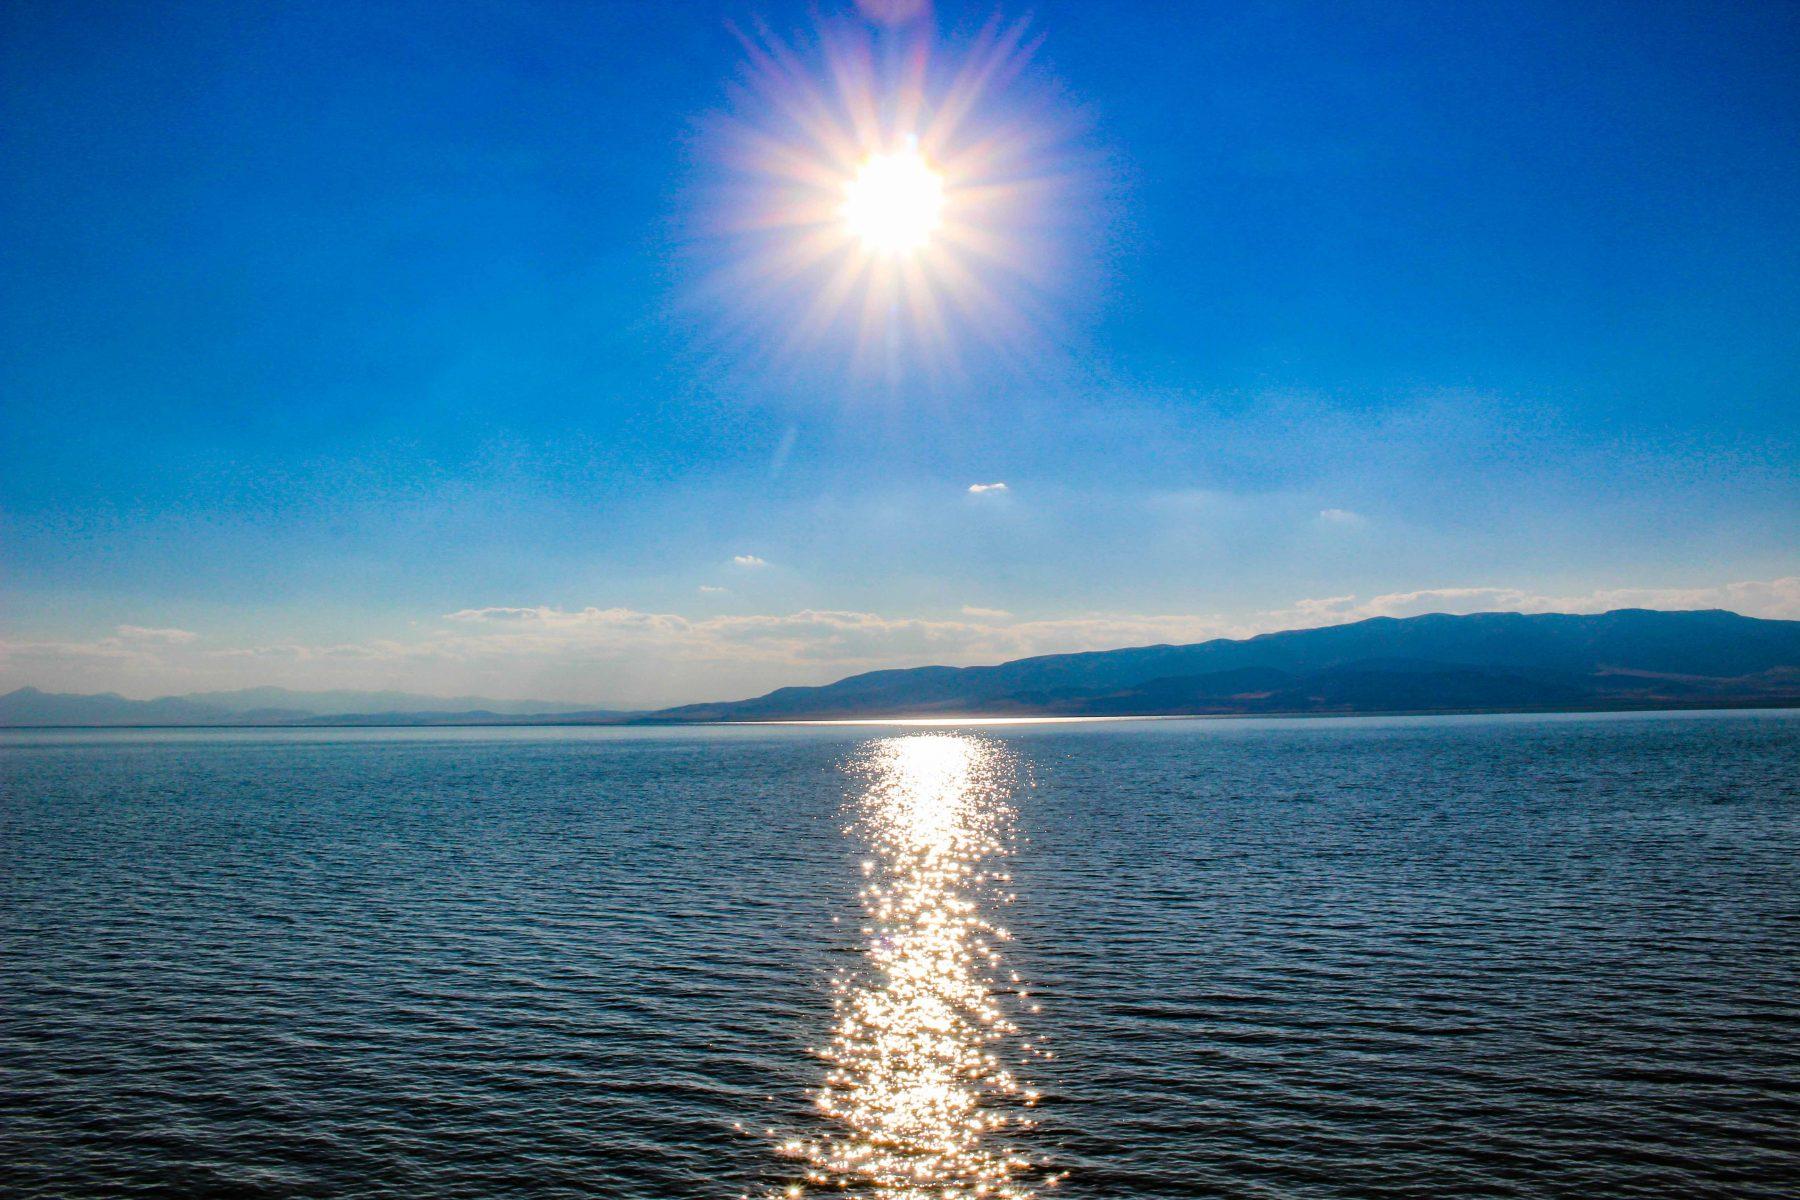 Utah Lake Sunny